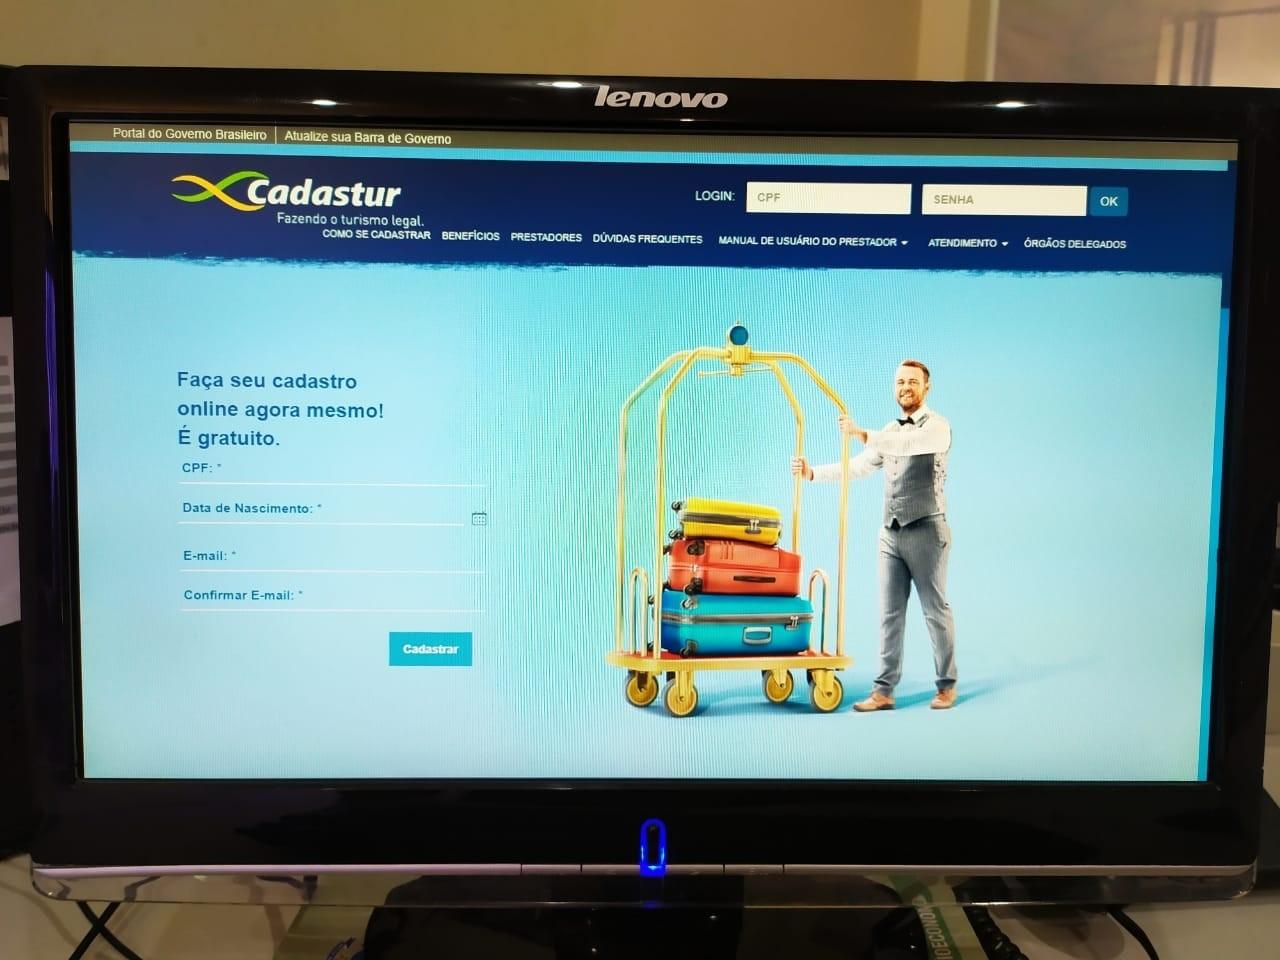 Governo do Tocantins adere à campanha do MTur para estimular empresas a aderirem ao Cadastur